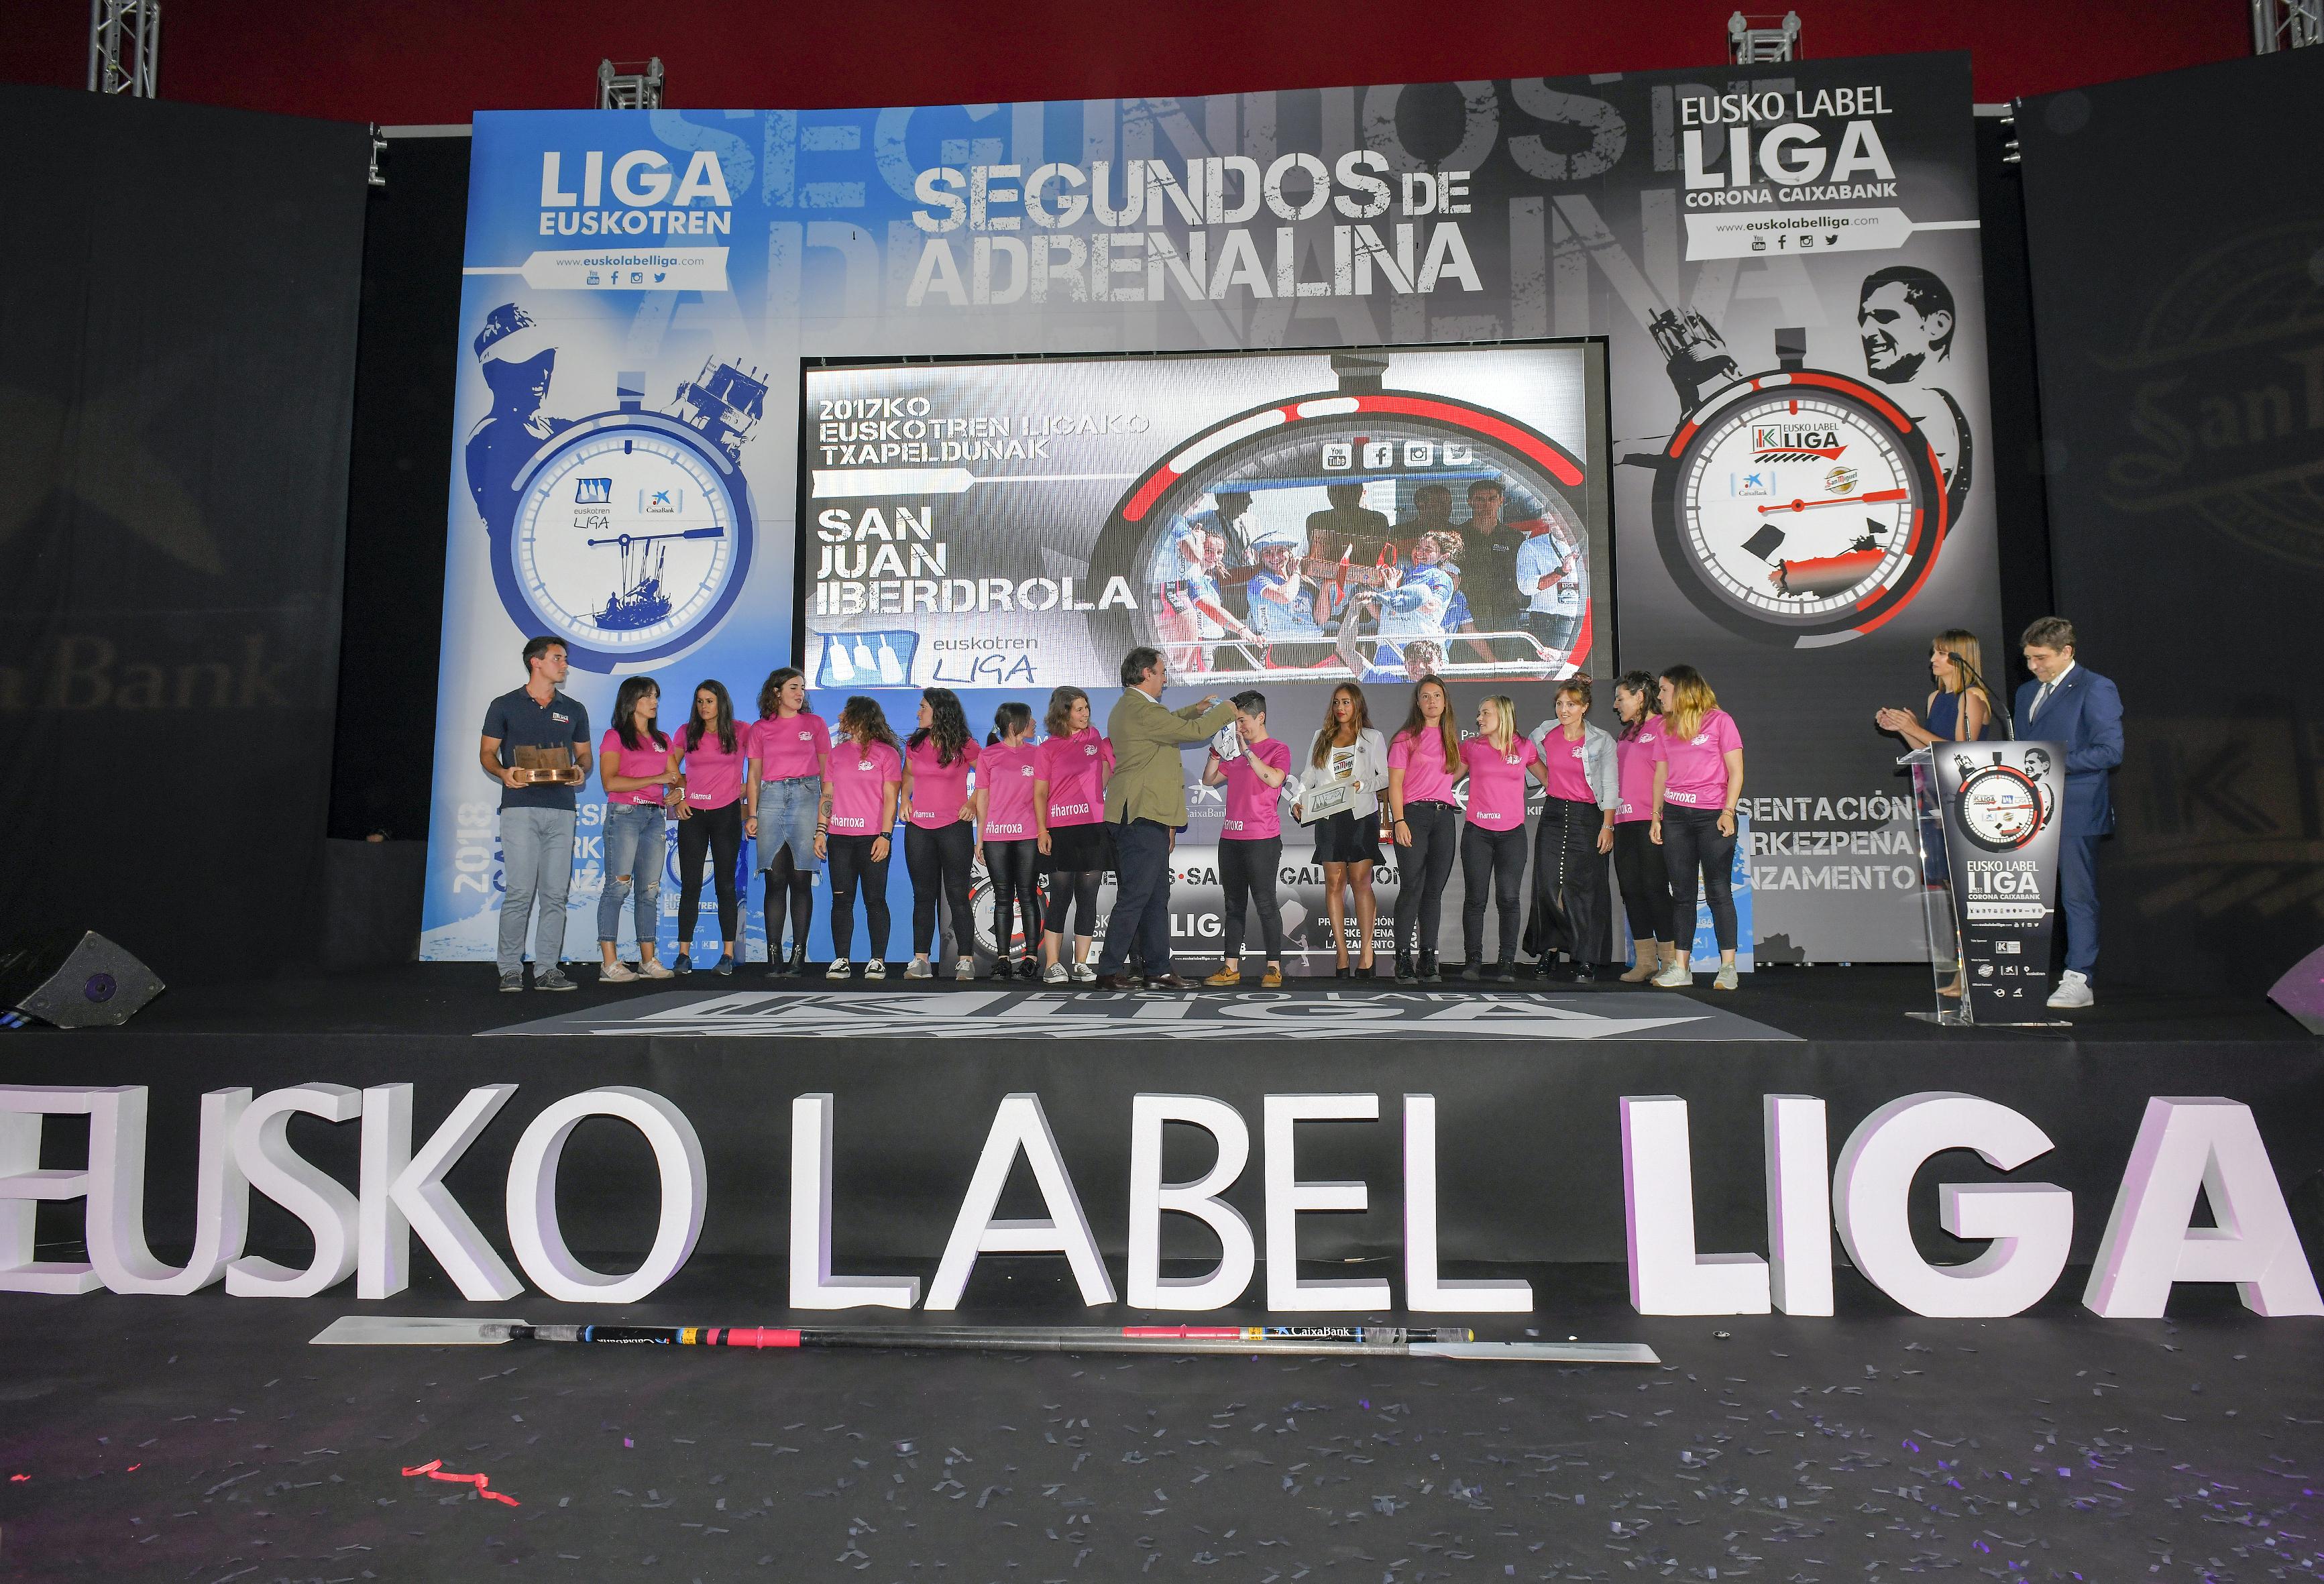 Liga_Euskotren_eta_Euskolabel_17.jpg